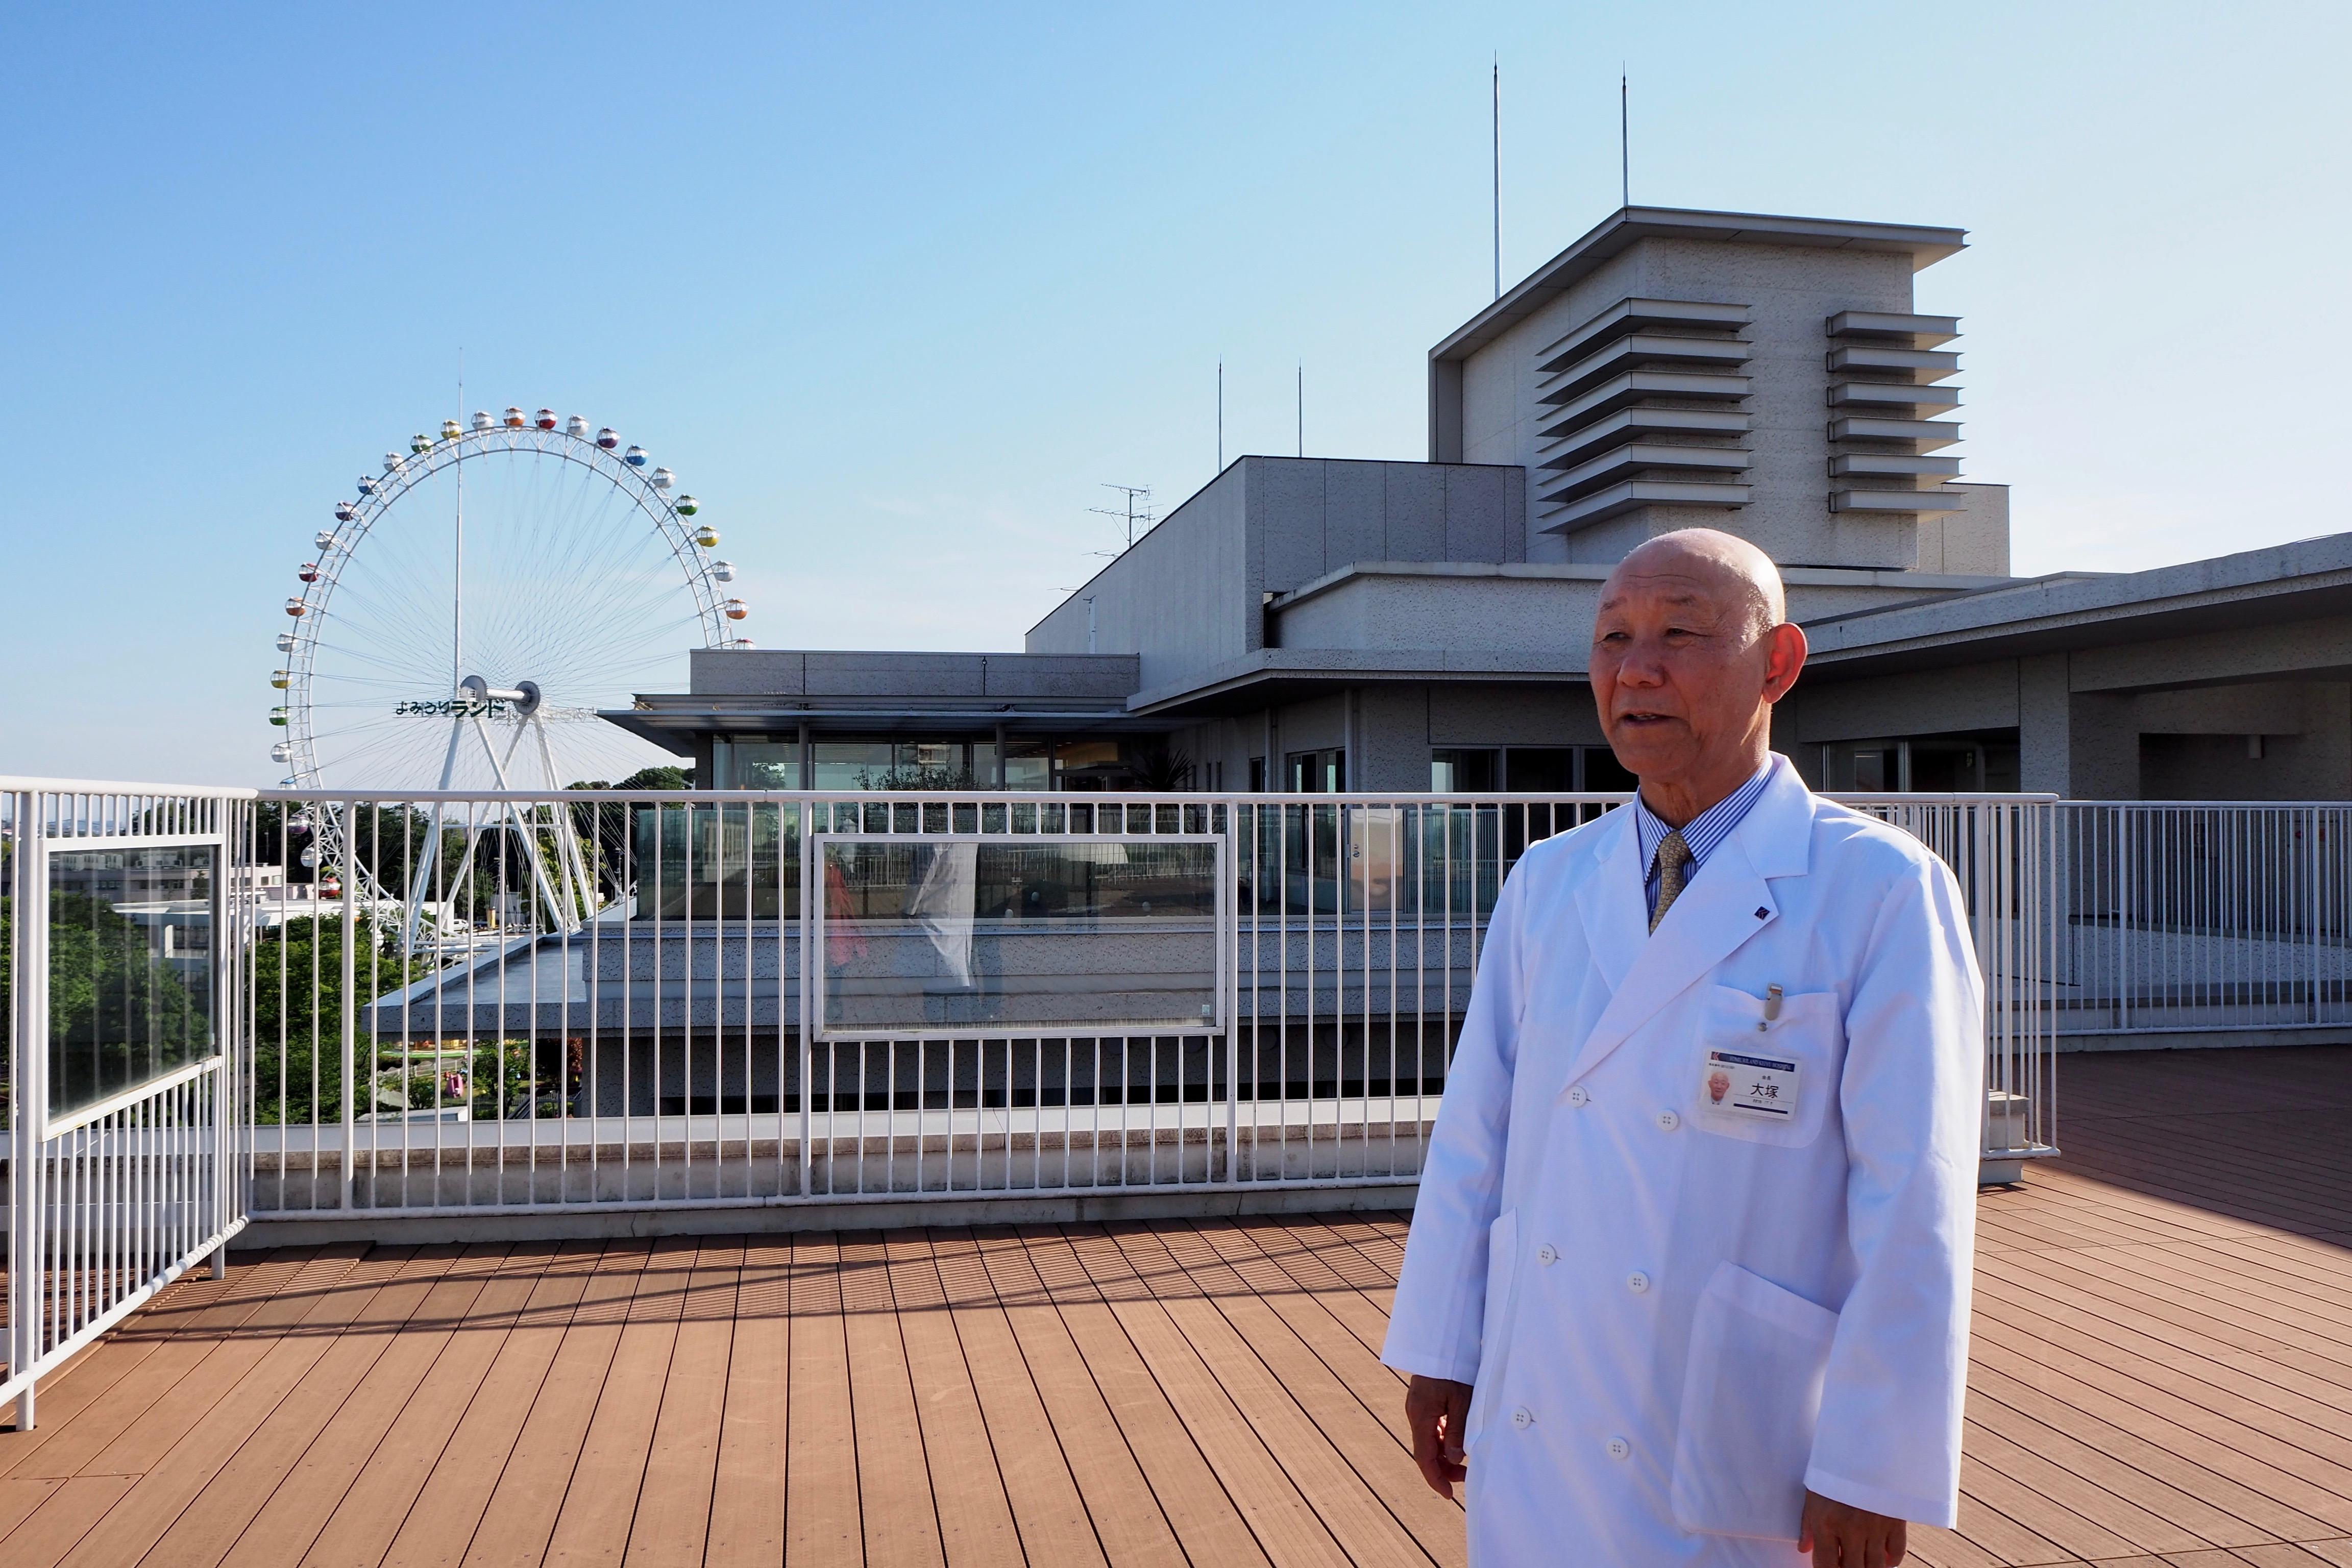 大塚宣夫先生が考える「高齢者医療」と「非マジメ老後のすすめ」